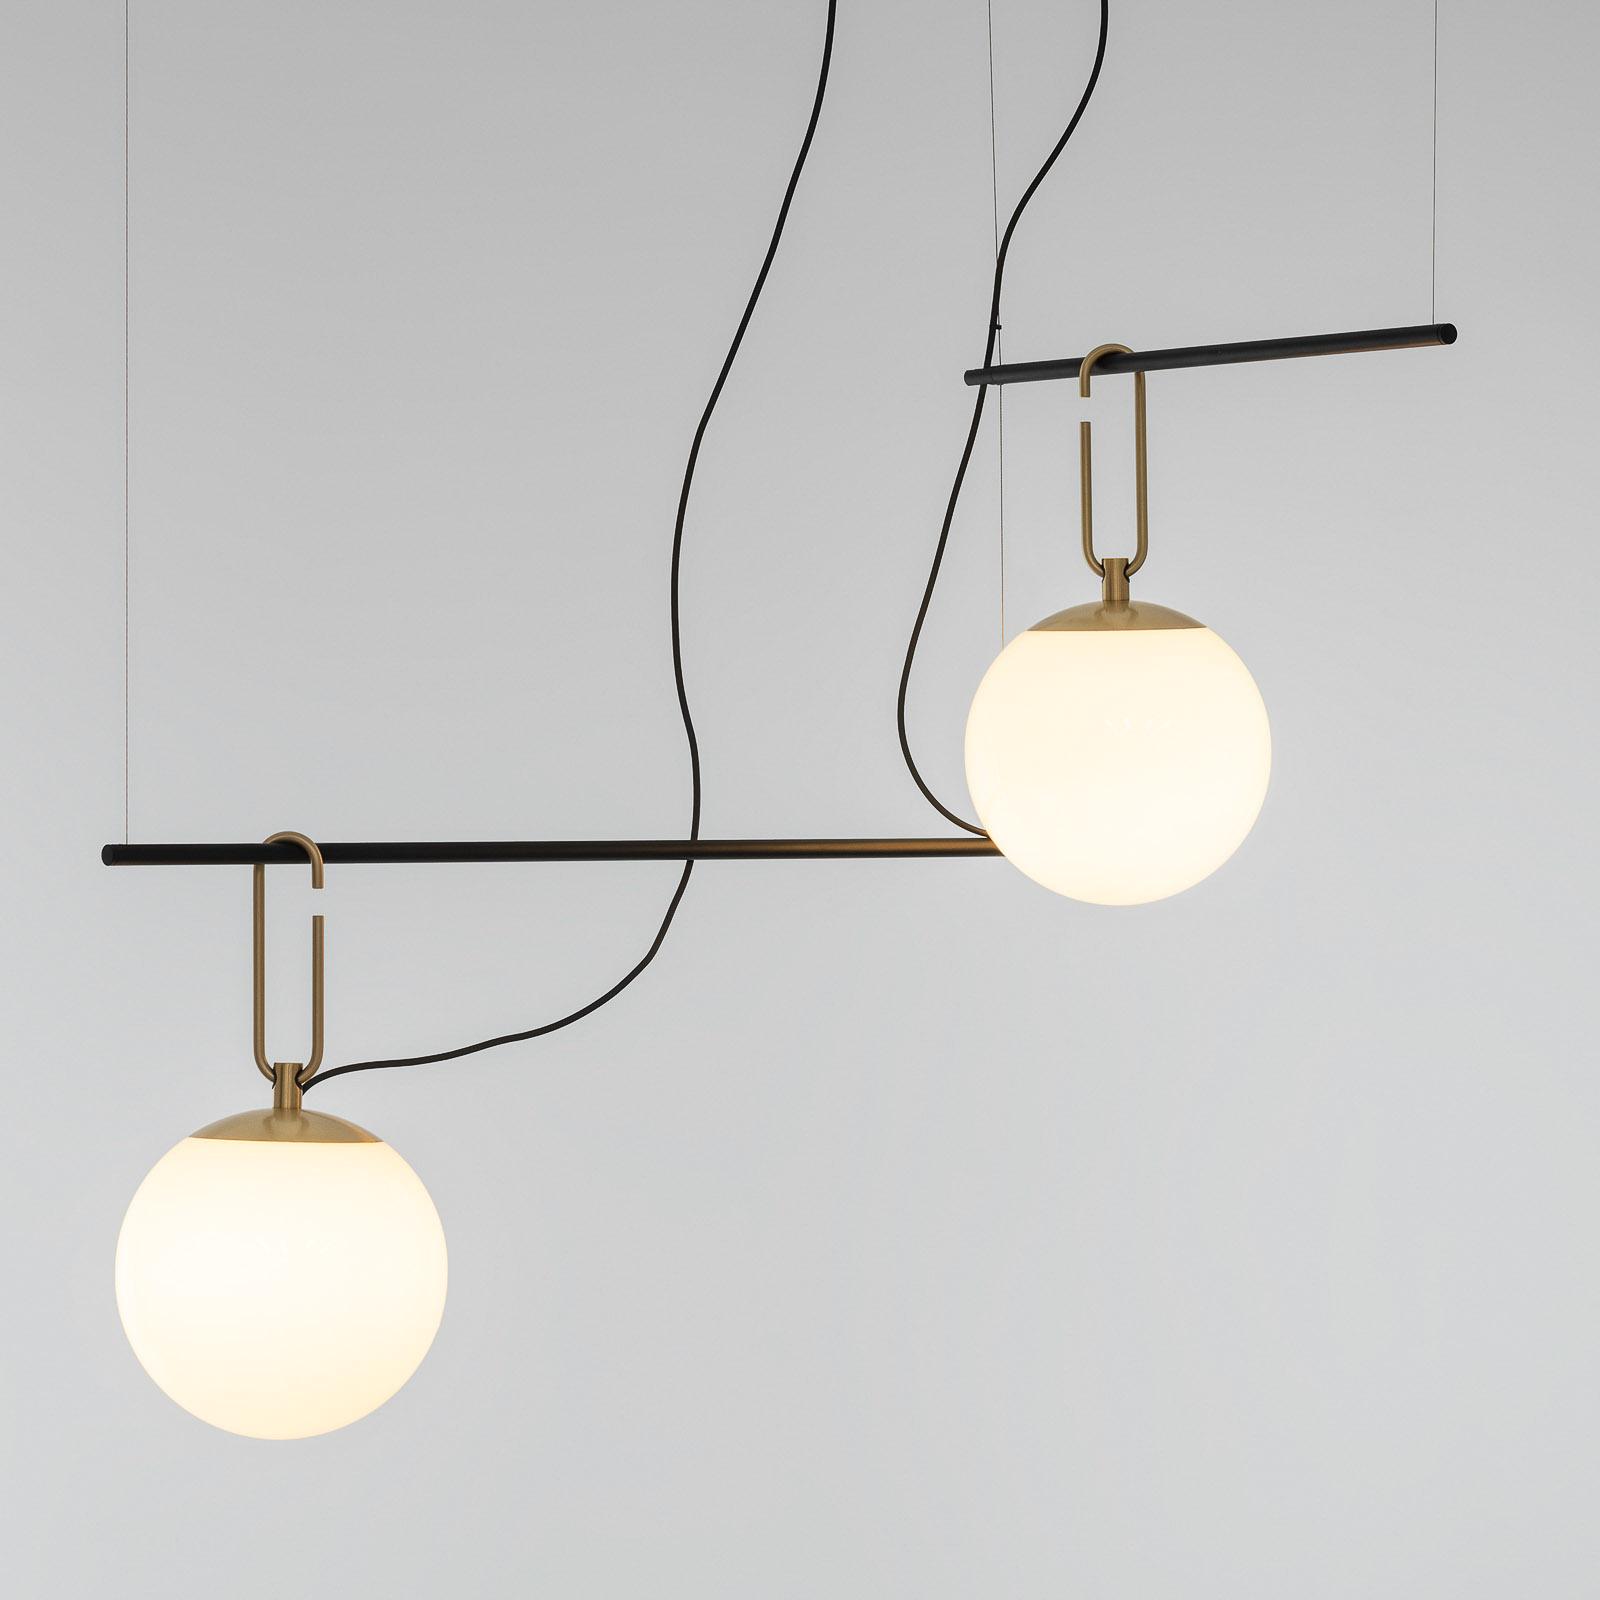 Artemide nh S3 2 suspension en verre, à 2 lampes